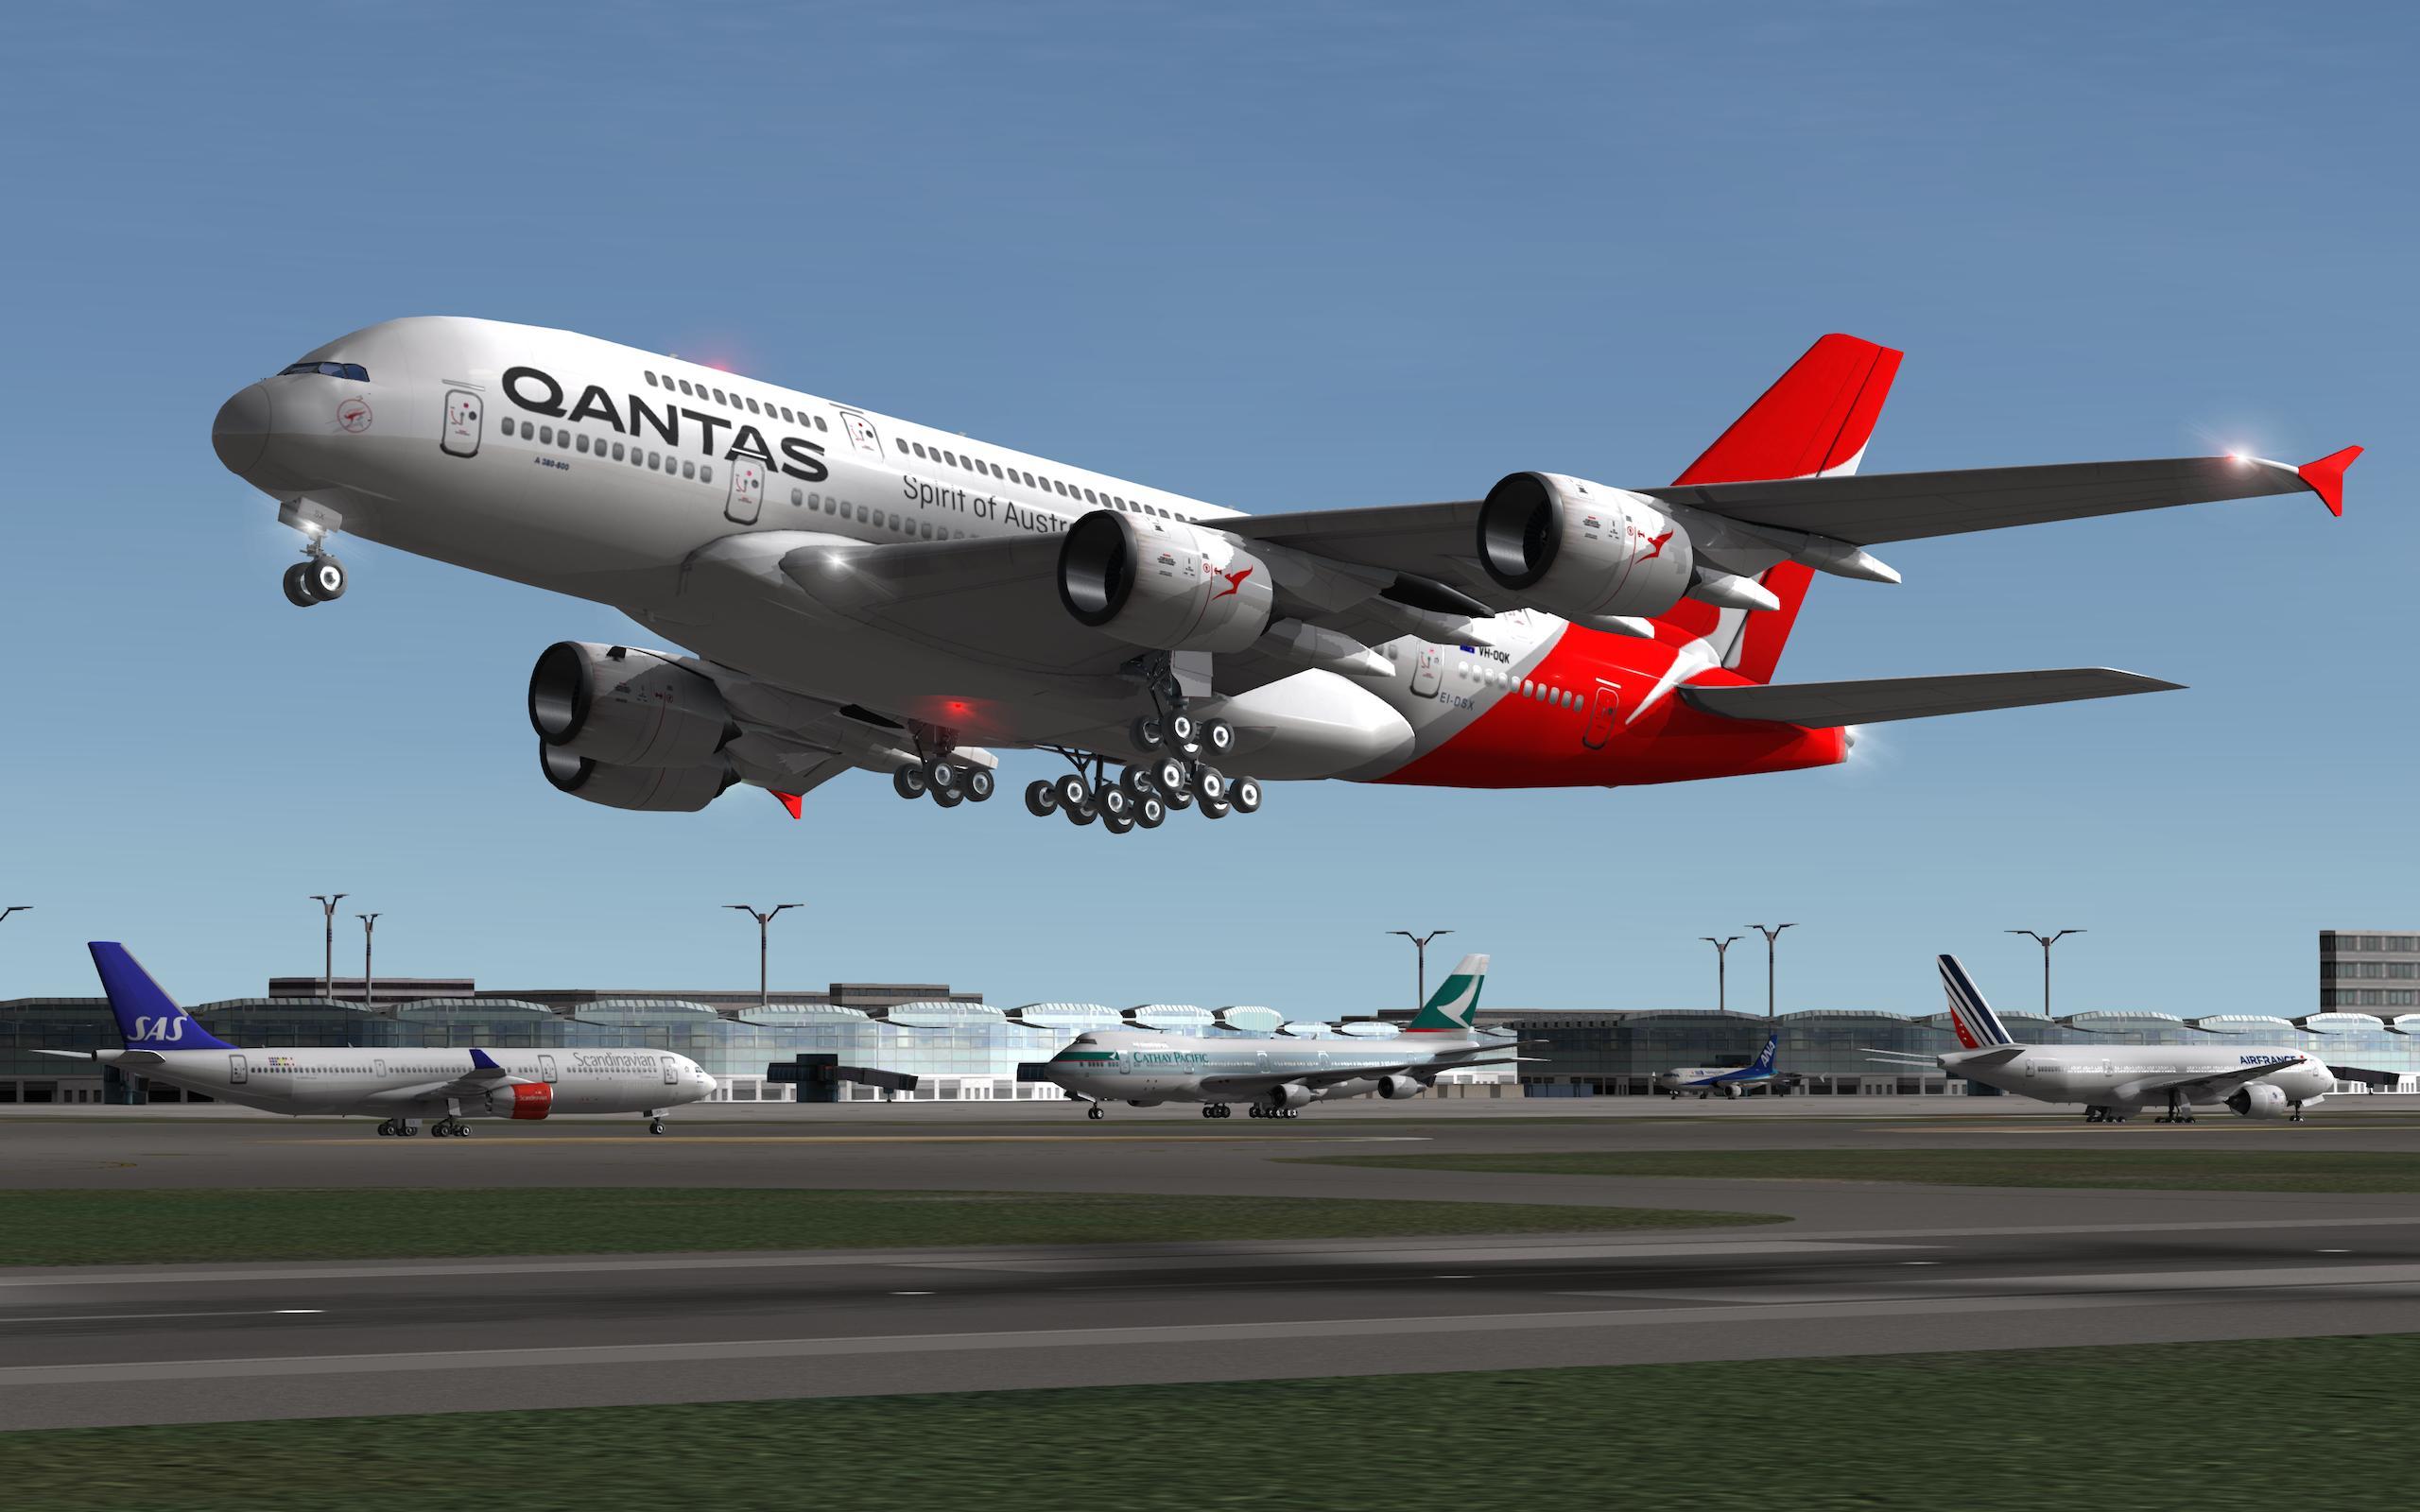 تحميل لعبة الطيران Real Flight Simulator مهكرة 2020